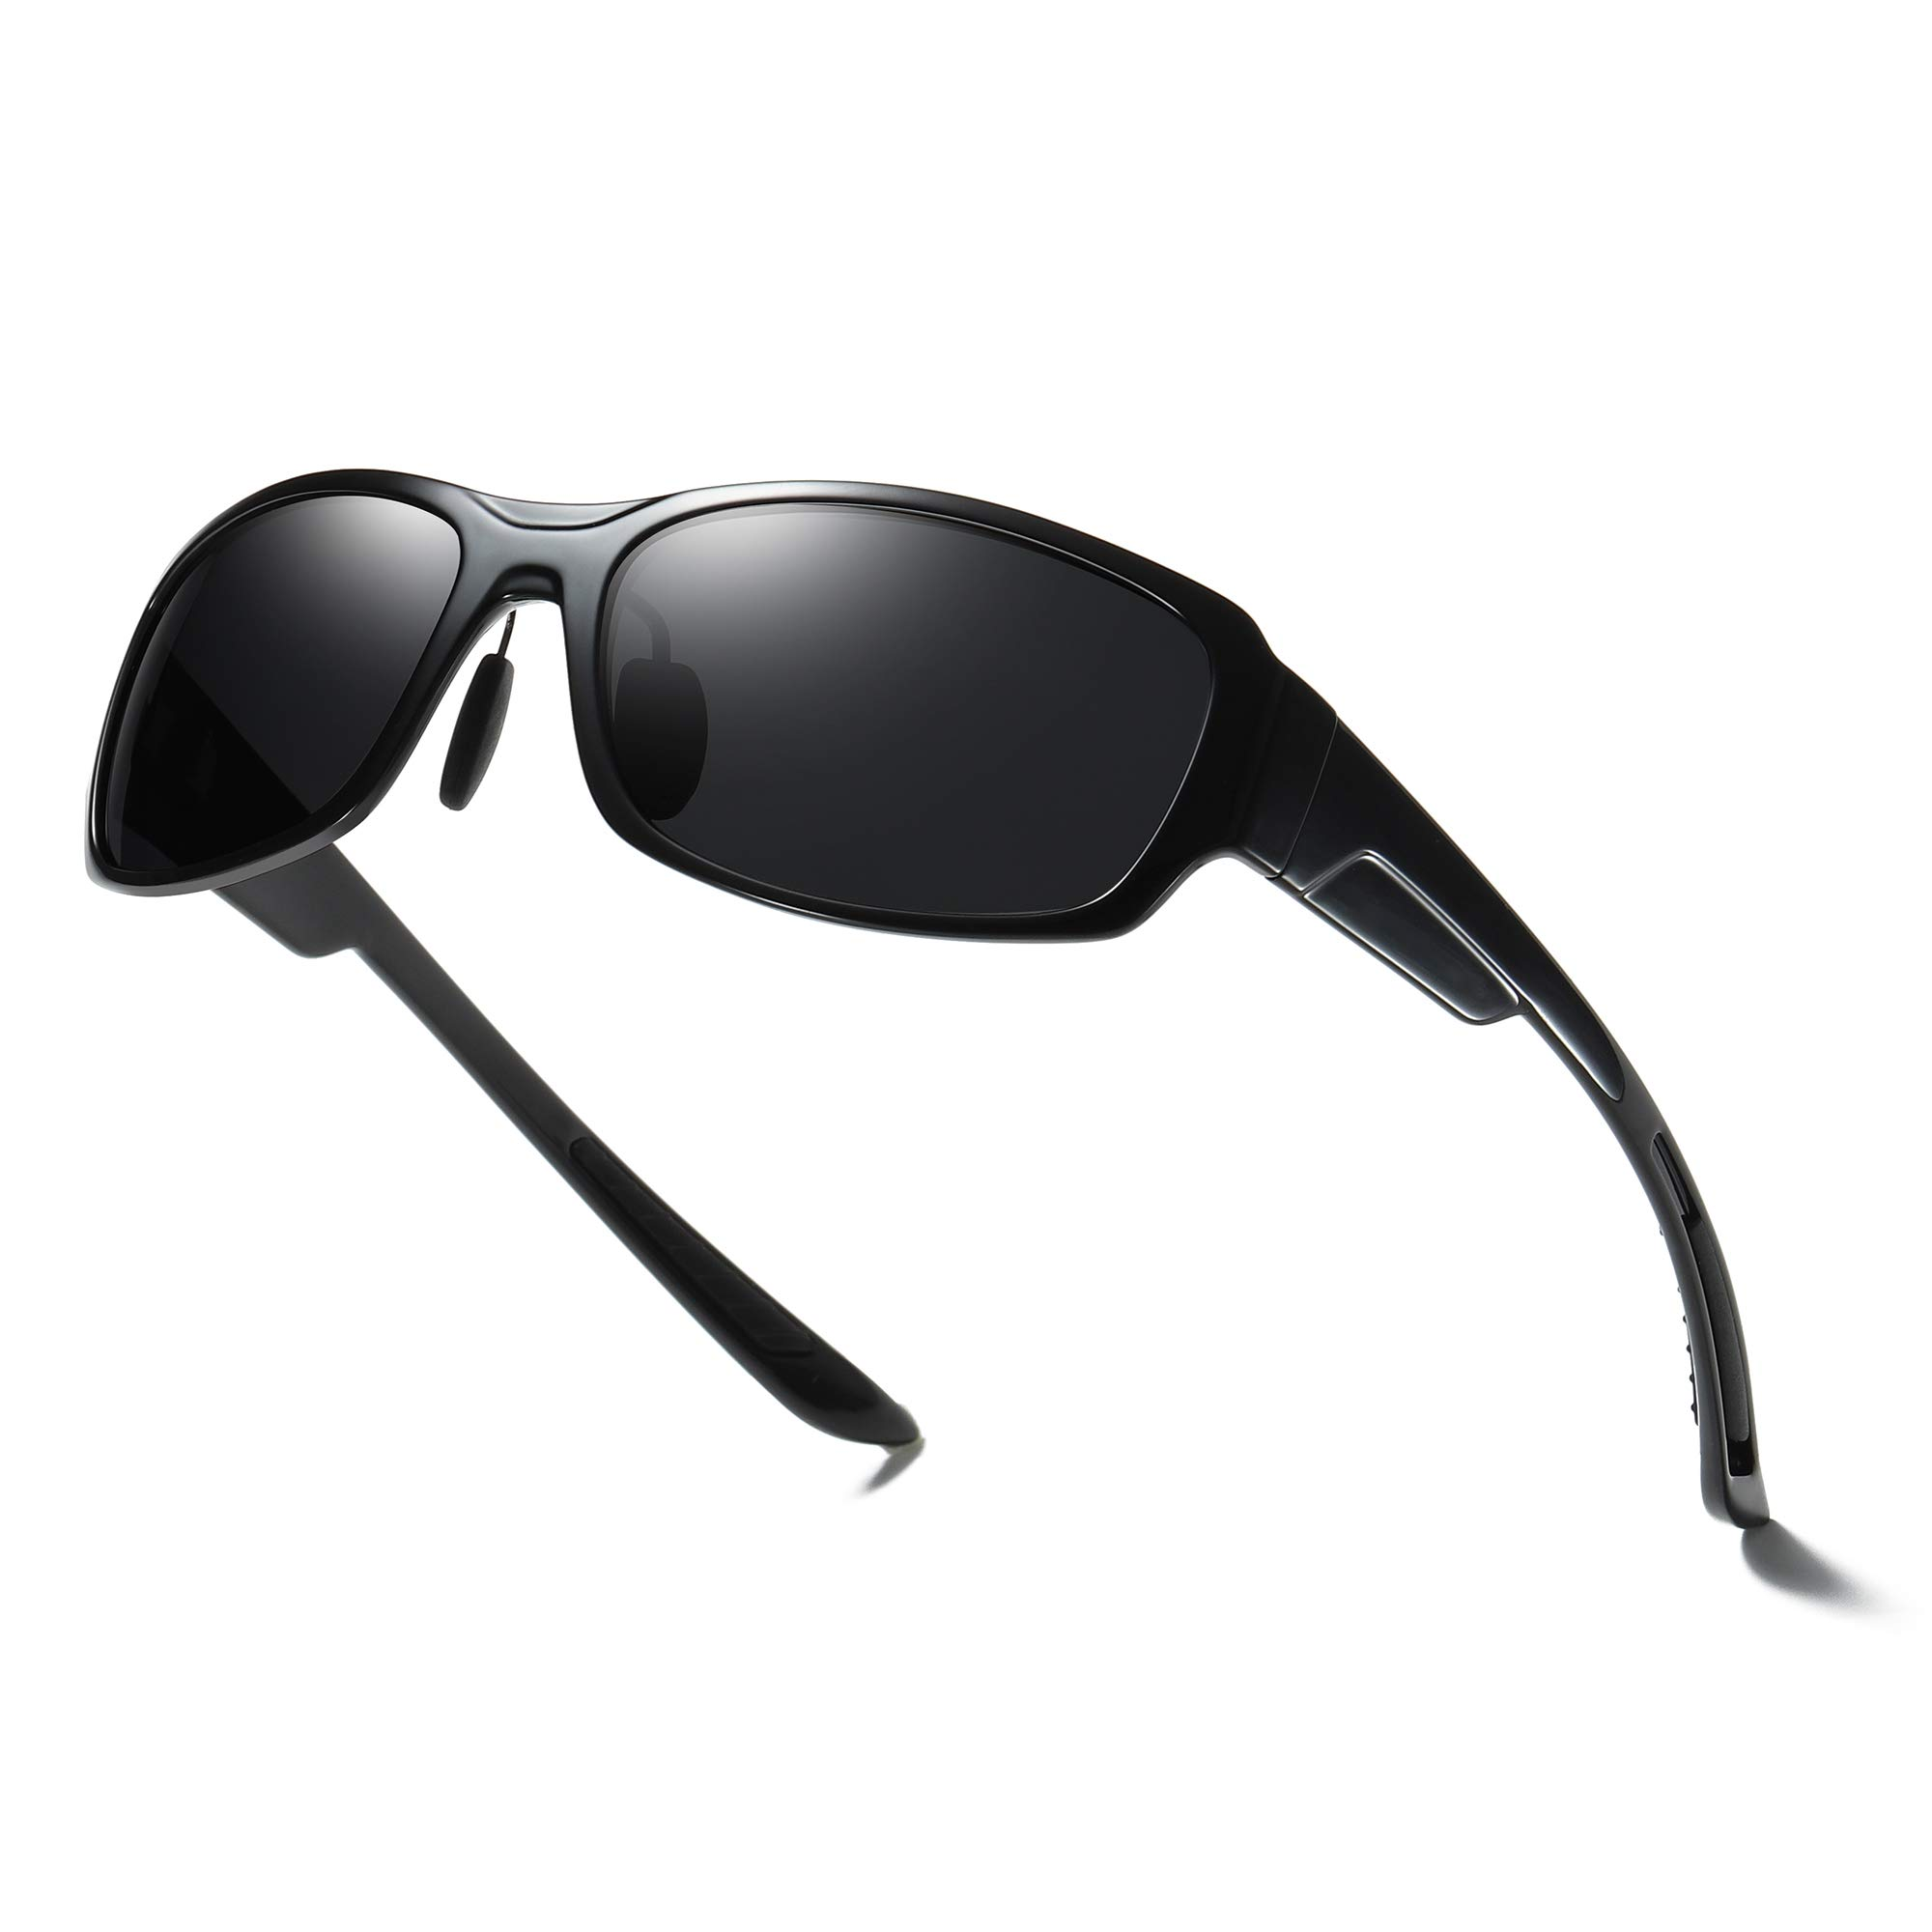 Polarized Sunglasses for Men Sport Rectangular Sunglasses Womens Mens Sunglasses 1.1mm UV400 Protection Lens/Tr90 Frame (Black Frame/Black Lens) by GOBIGER